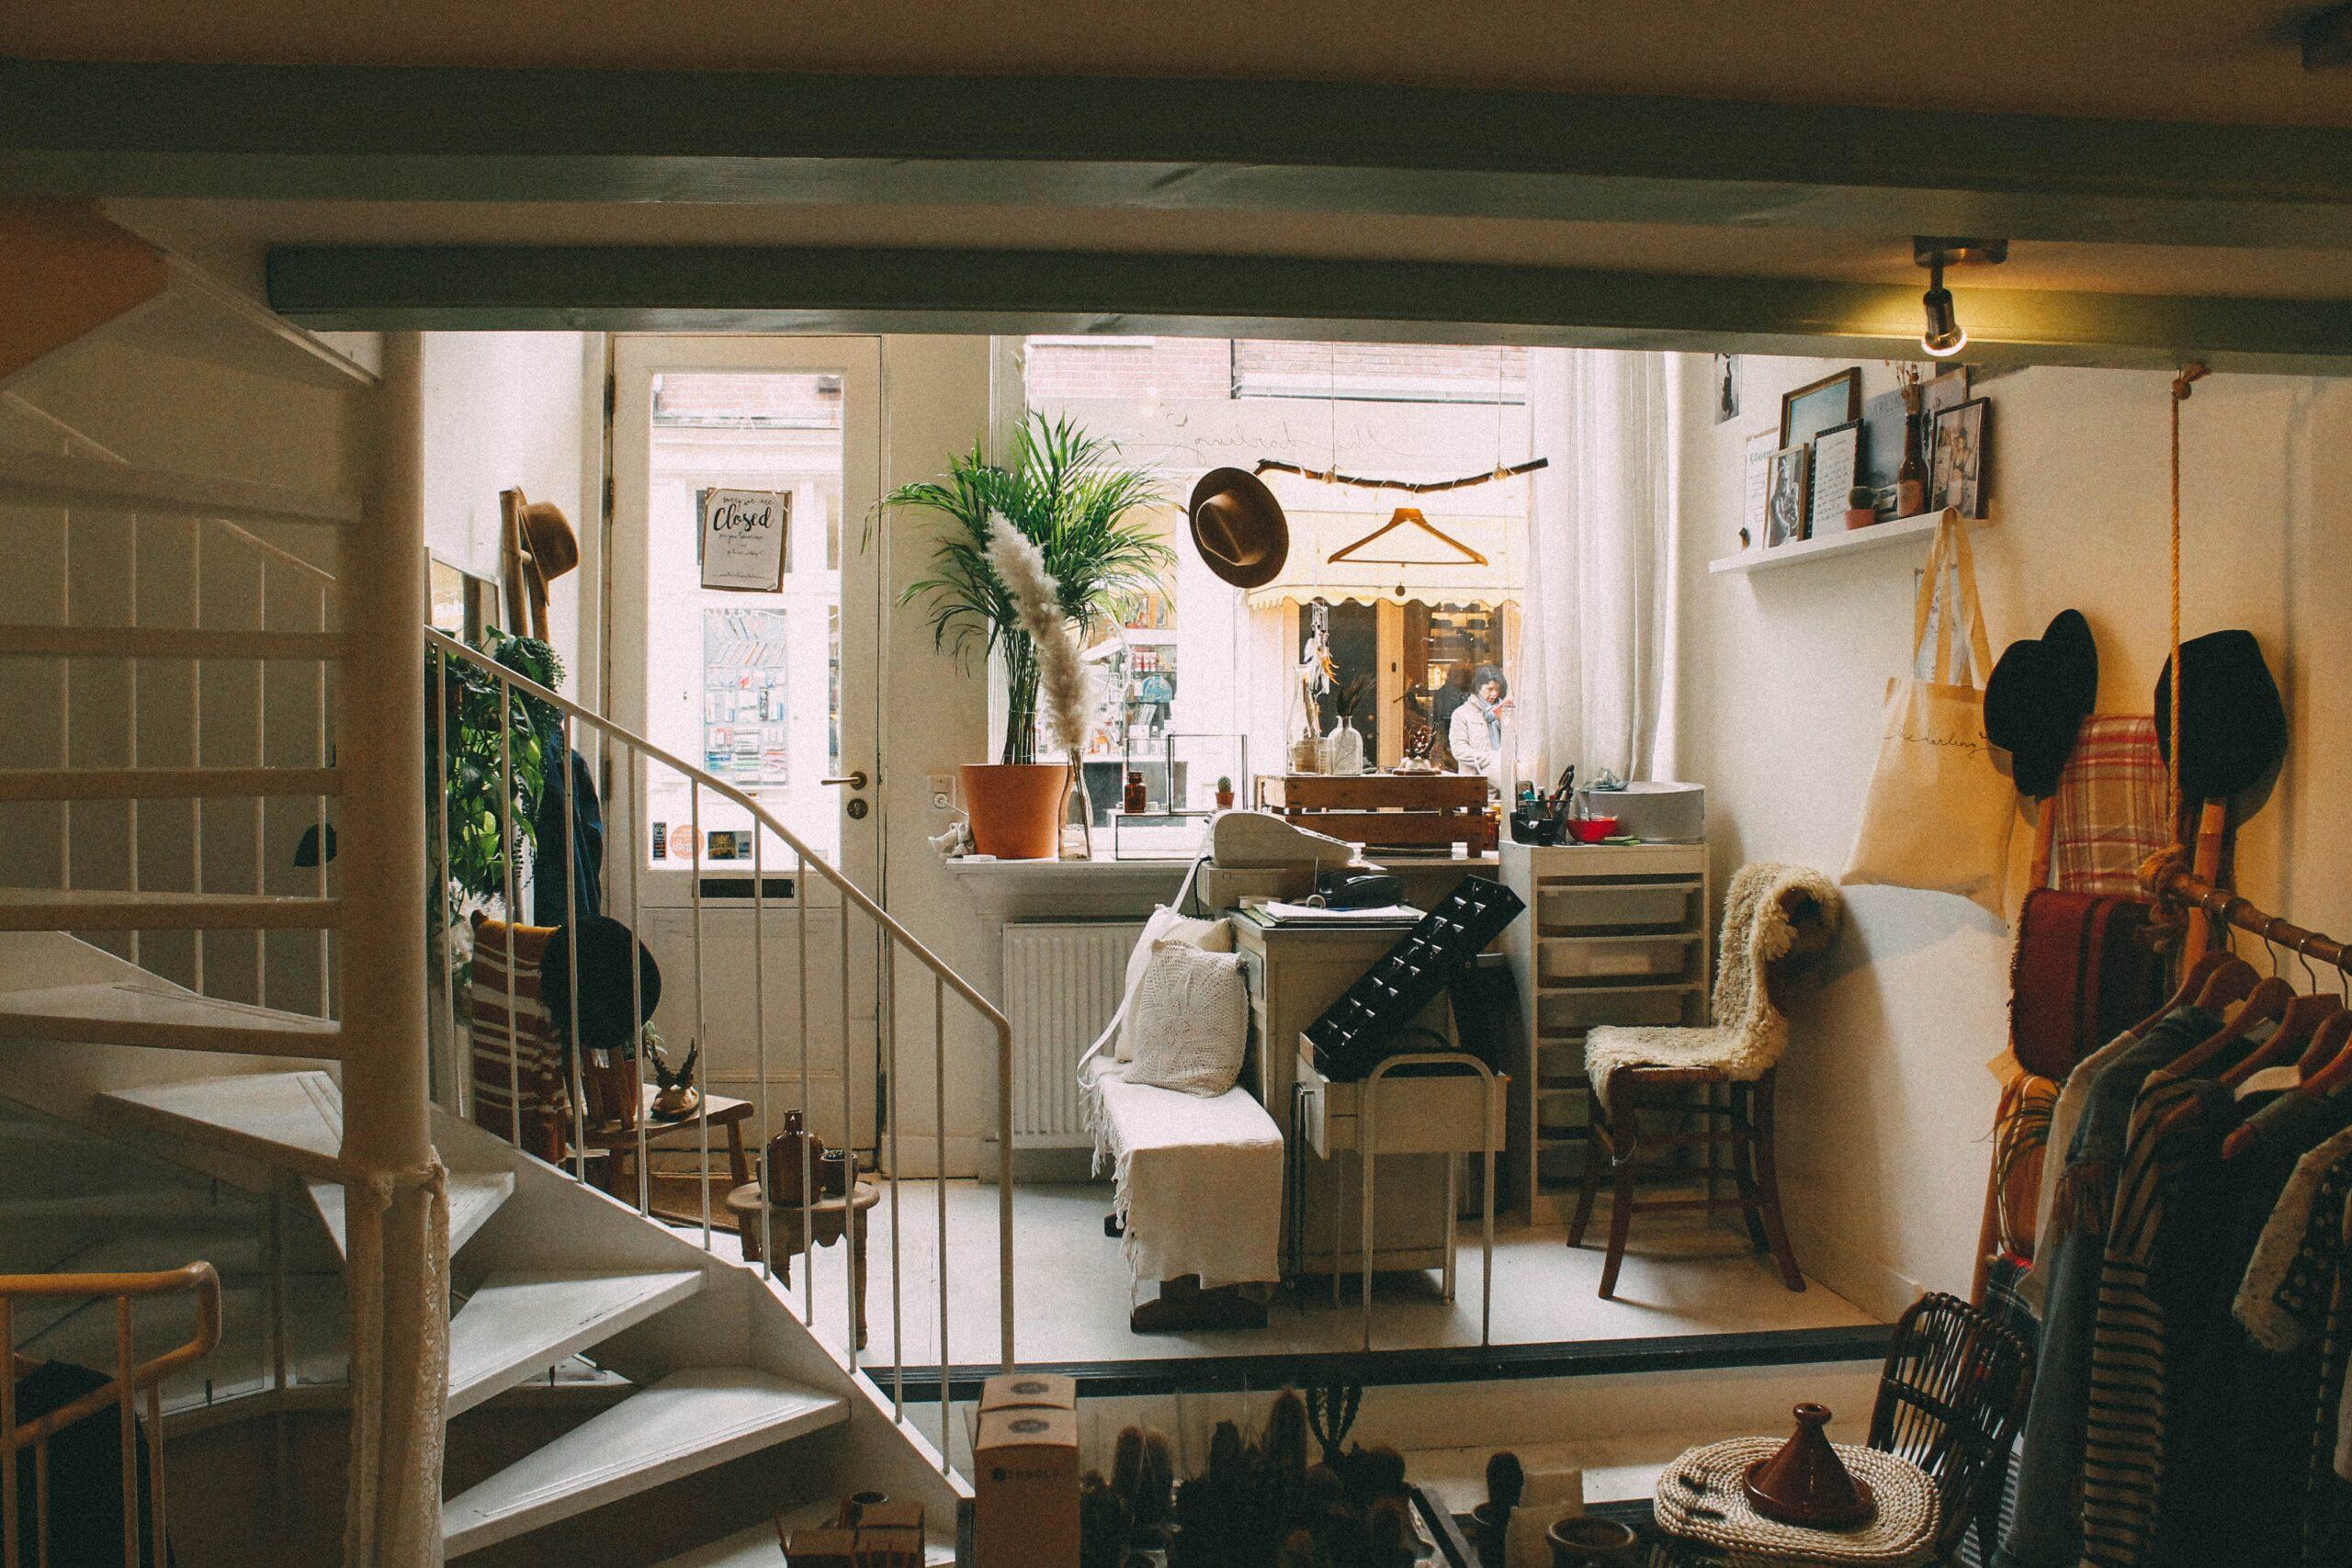 Kilku lokatorów w jednym mieszkaniu. Aspekty prawne